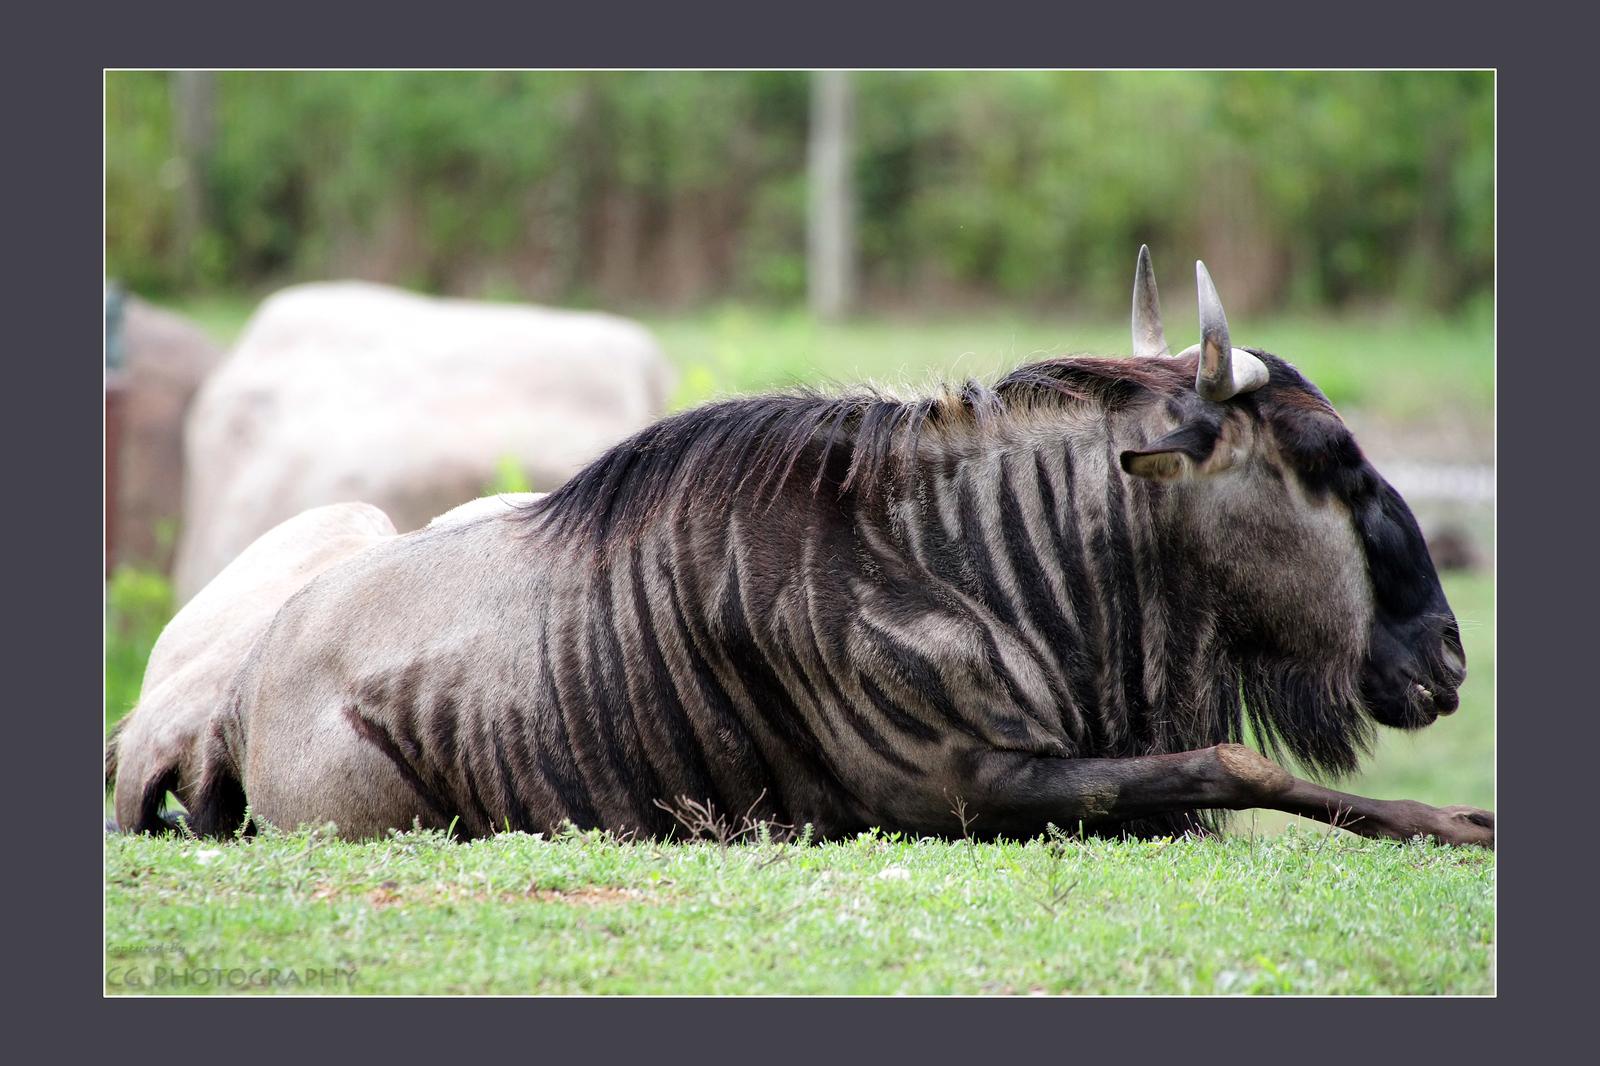 IMAGE: https://photos.smugmug.com/Animals/In-the-Wild-Yonder/i-kmWSfhk/0/d4a5de8c/X3/7D1_7027-X3.jpg